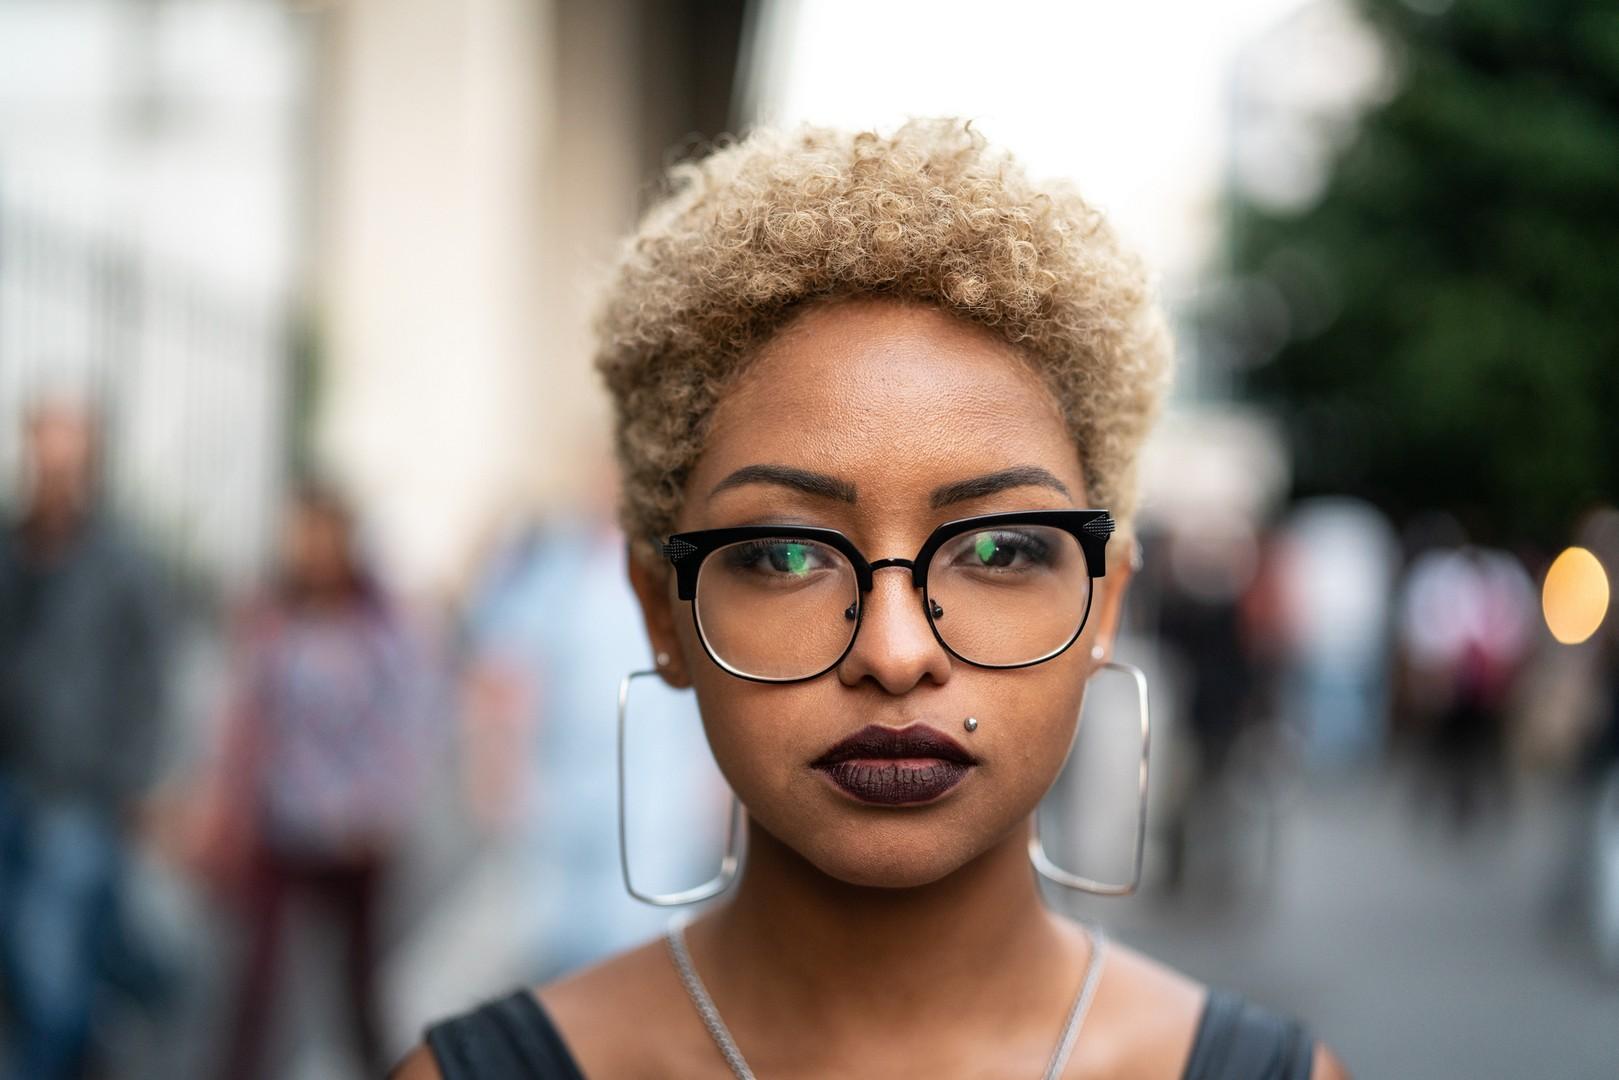 tapered hair 4 - Saiba porque o tapered hair é um dos cortes mais incríveis para o cabelo crespo